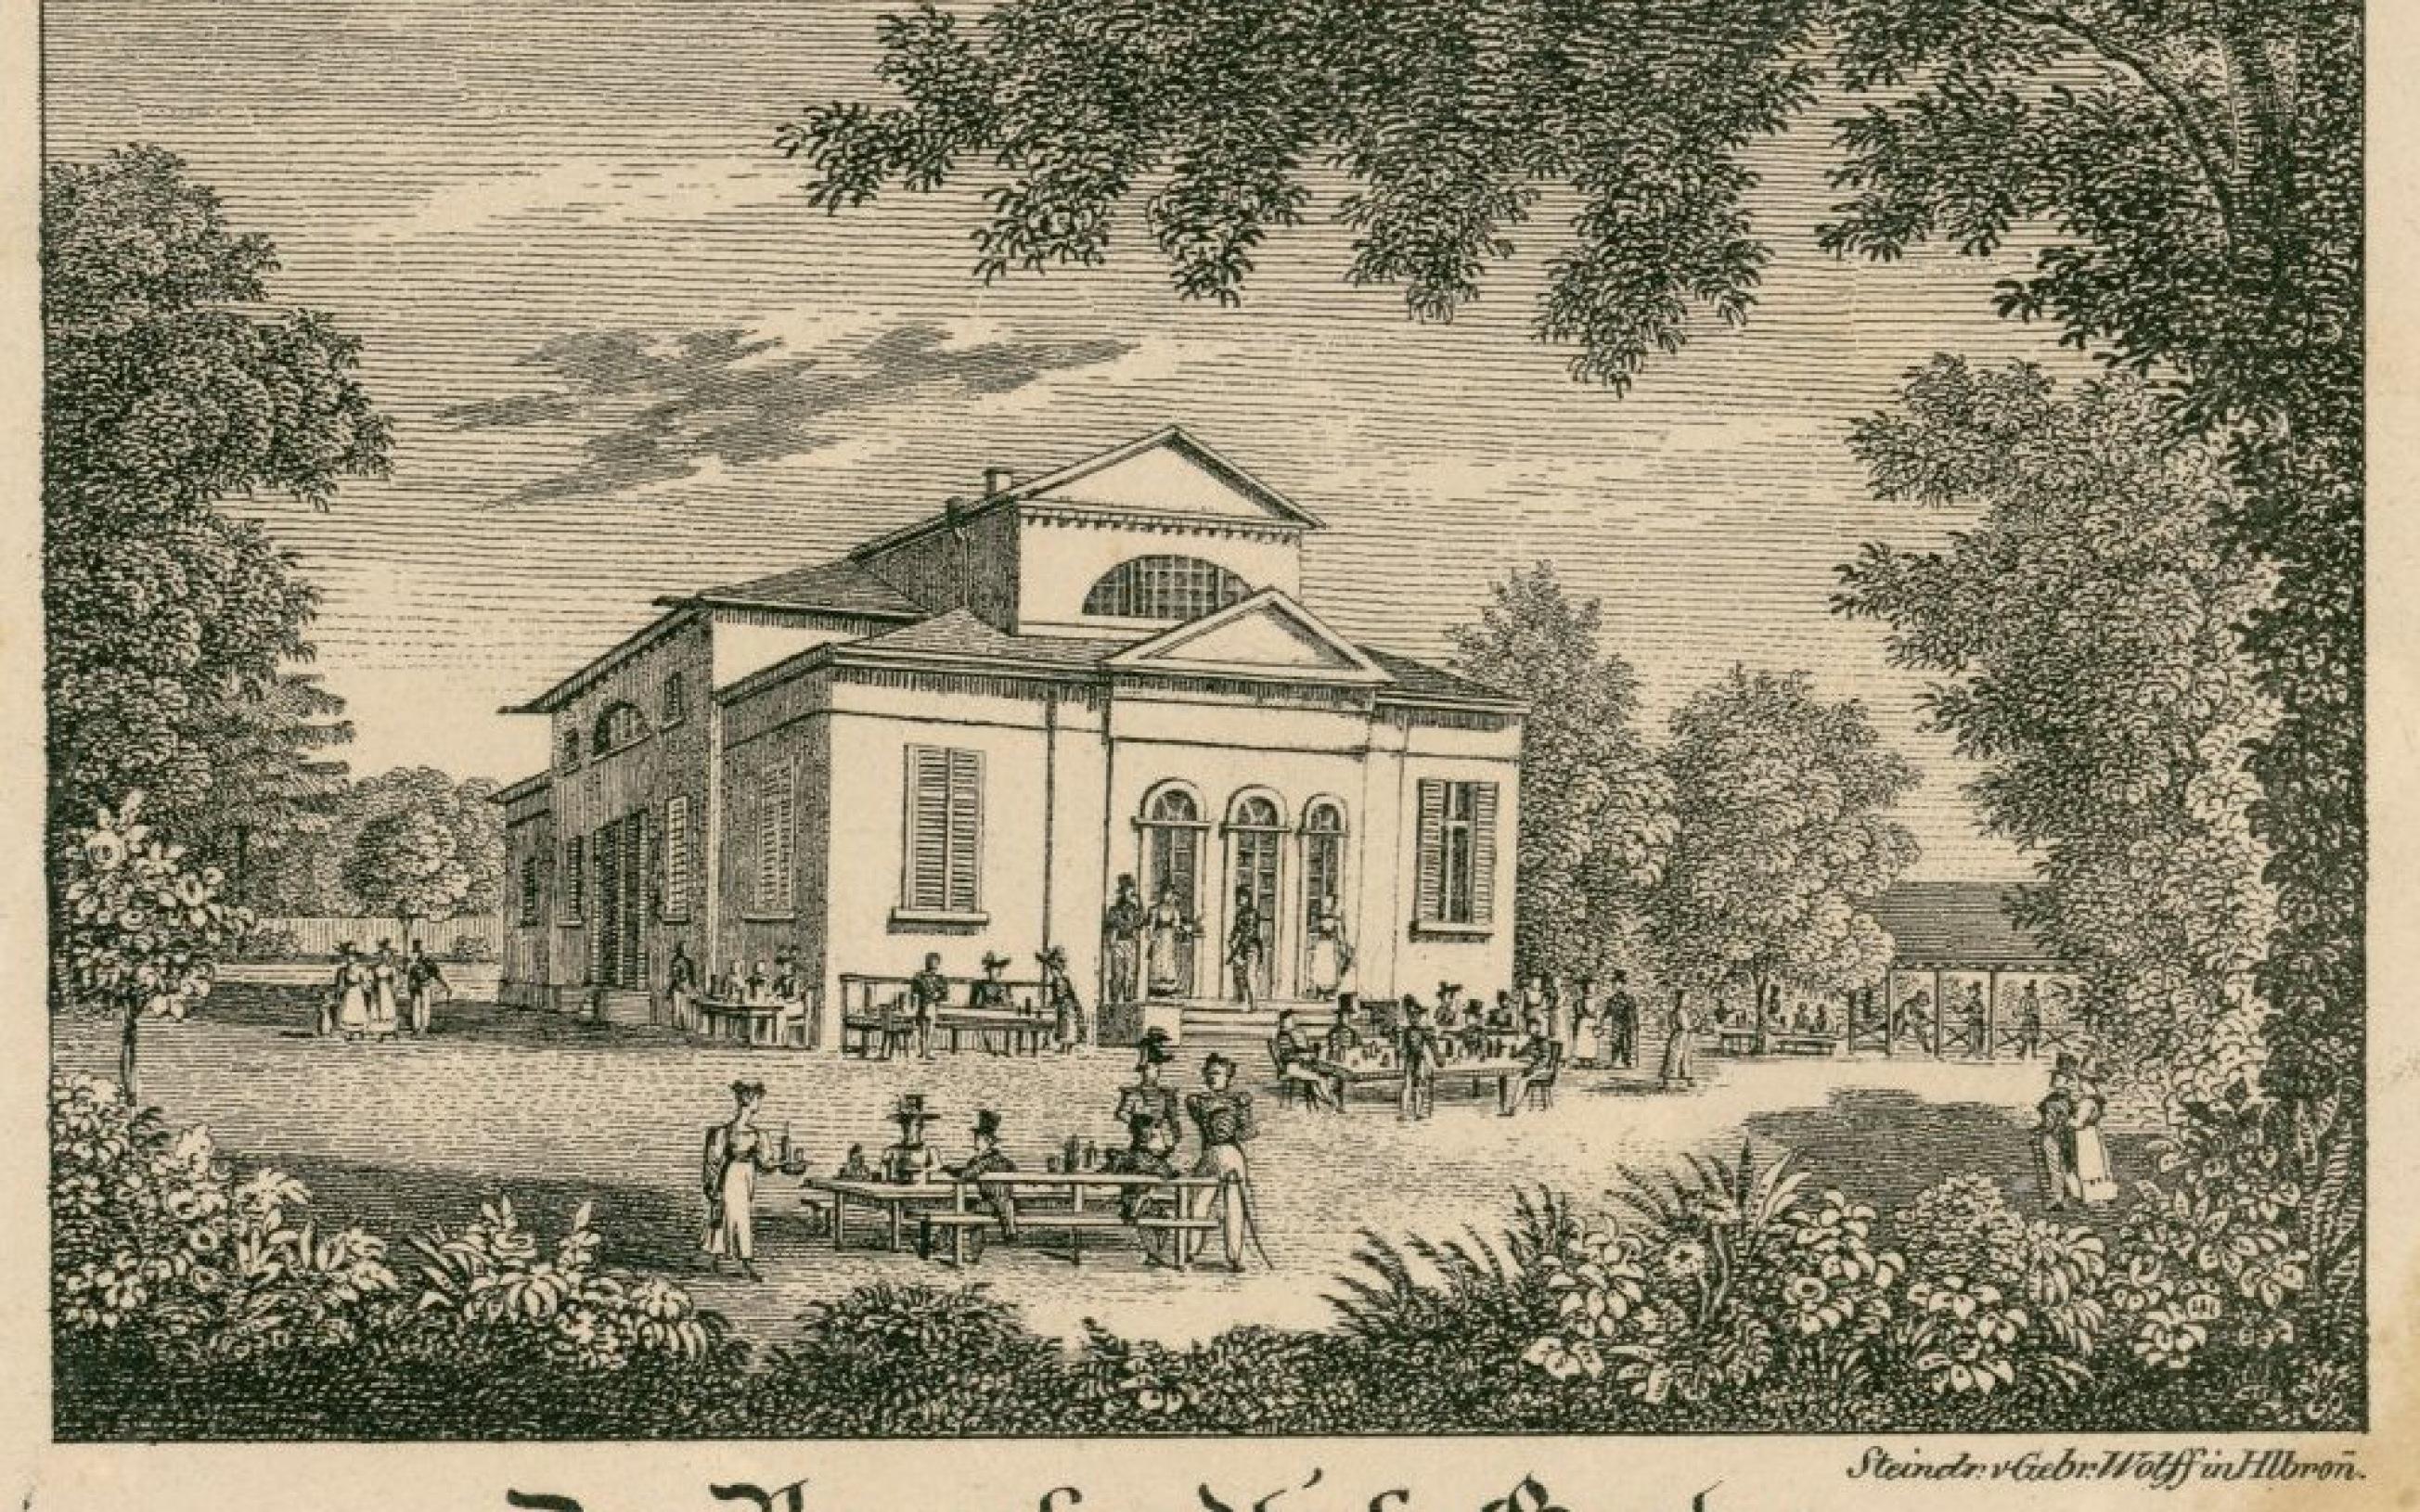 Ansicht Der Braunhardt'sche Garten (Braunhardtscher Garten in Heilbronn mit Aktientheater). Aus der Bilderserie Eri